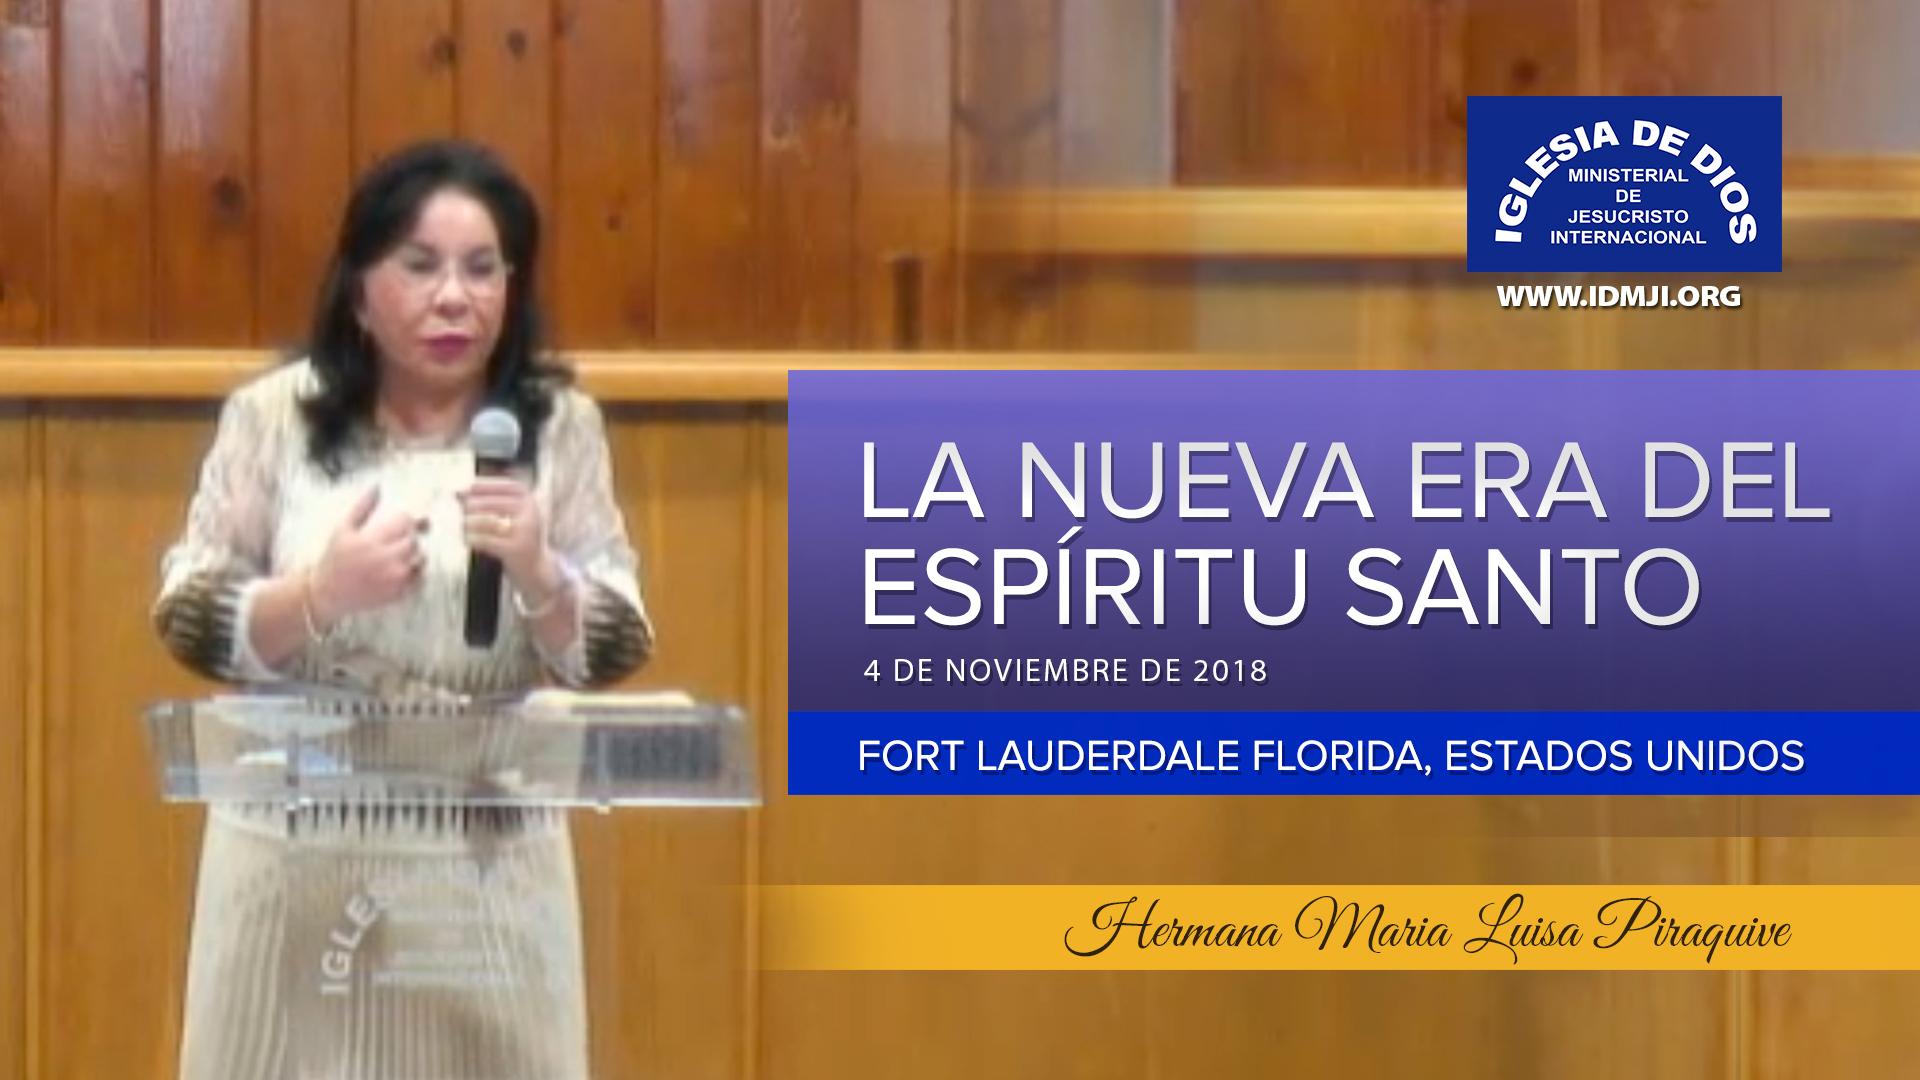 Enseñanza: La nueva era del Espíritu Santo – Hermana María Luisa Piraquive